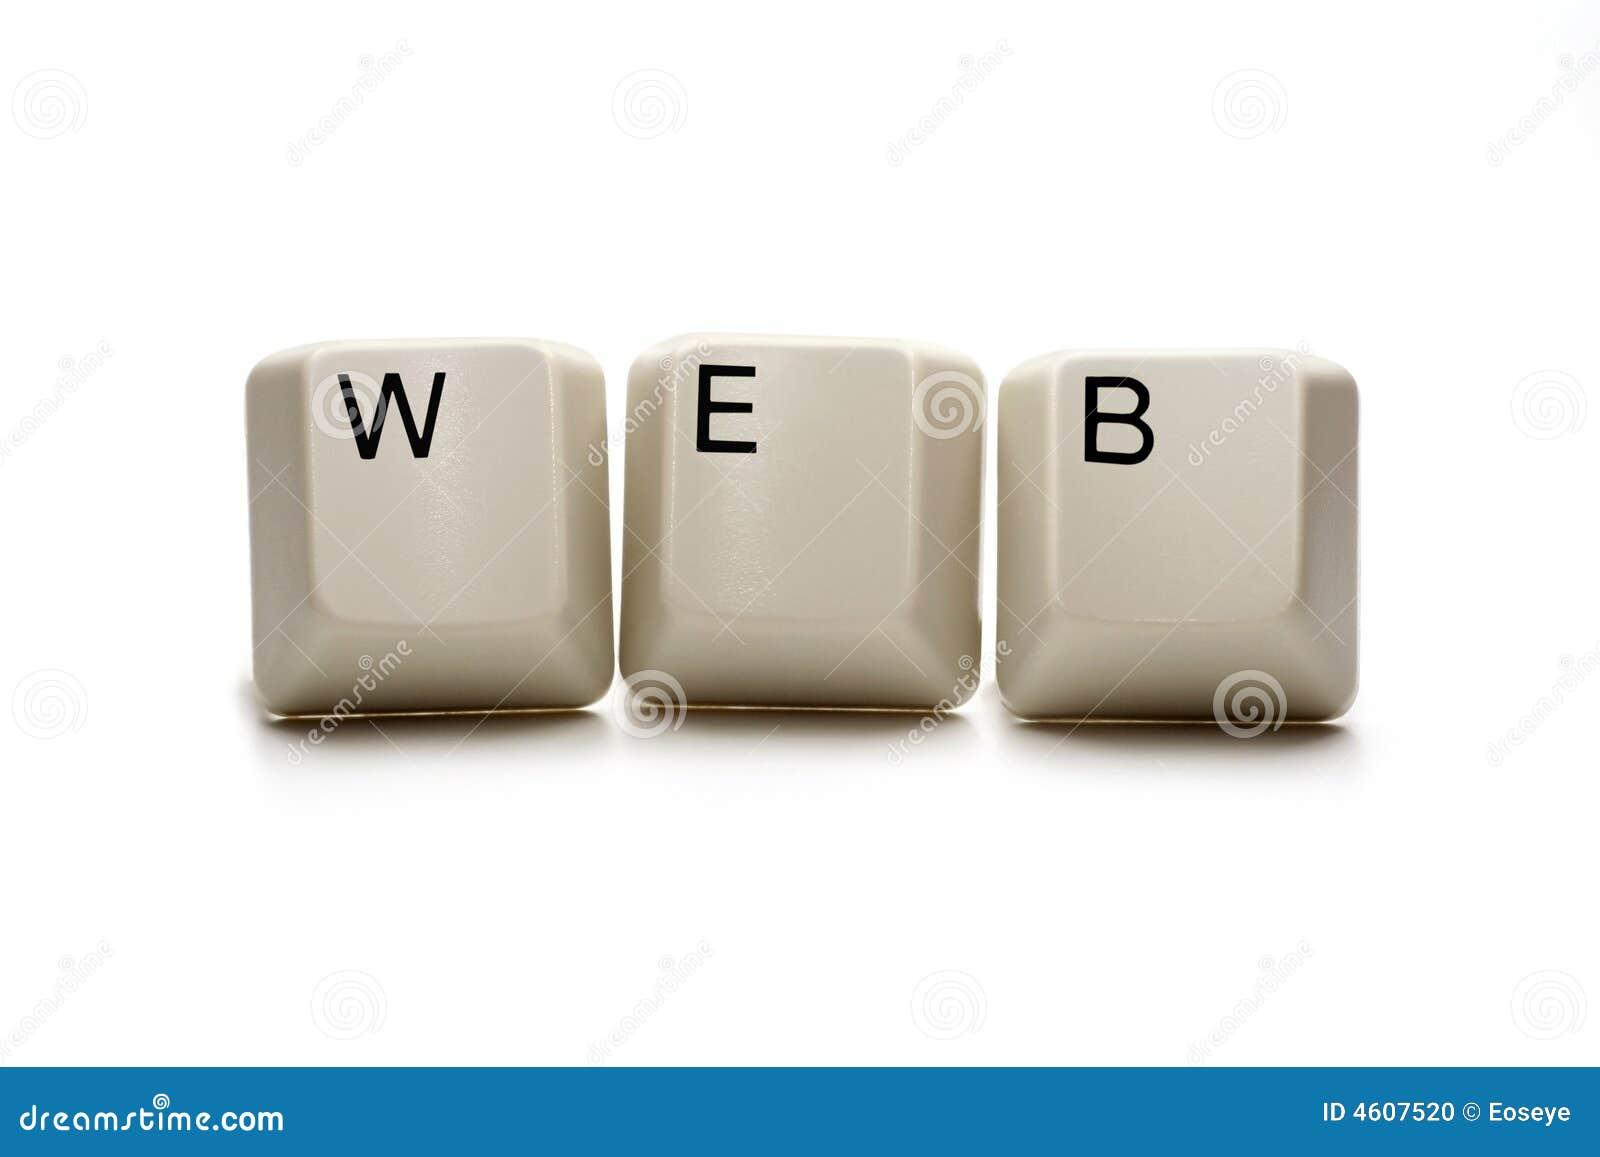 Web - World Wide Web